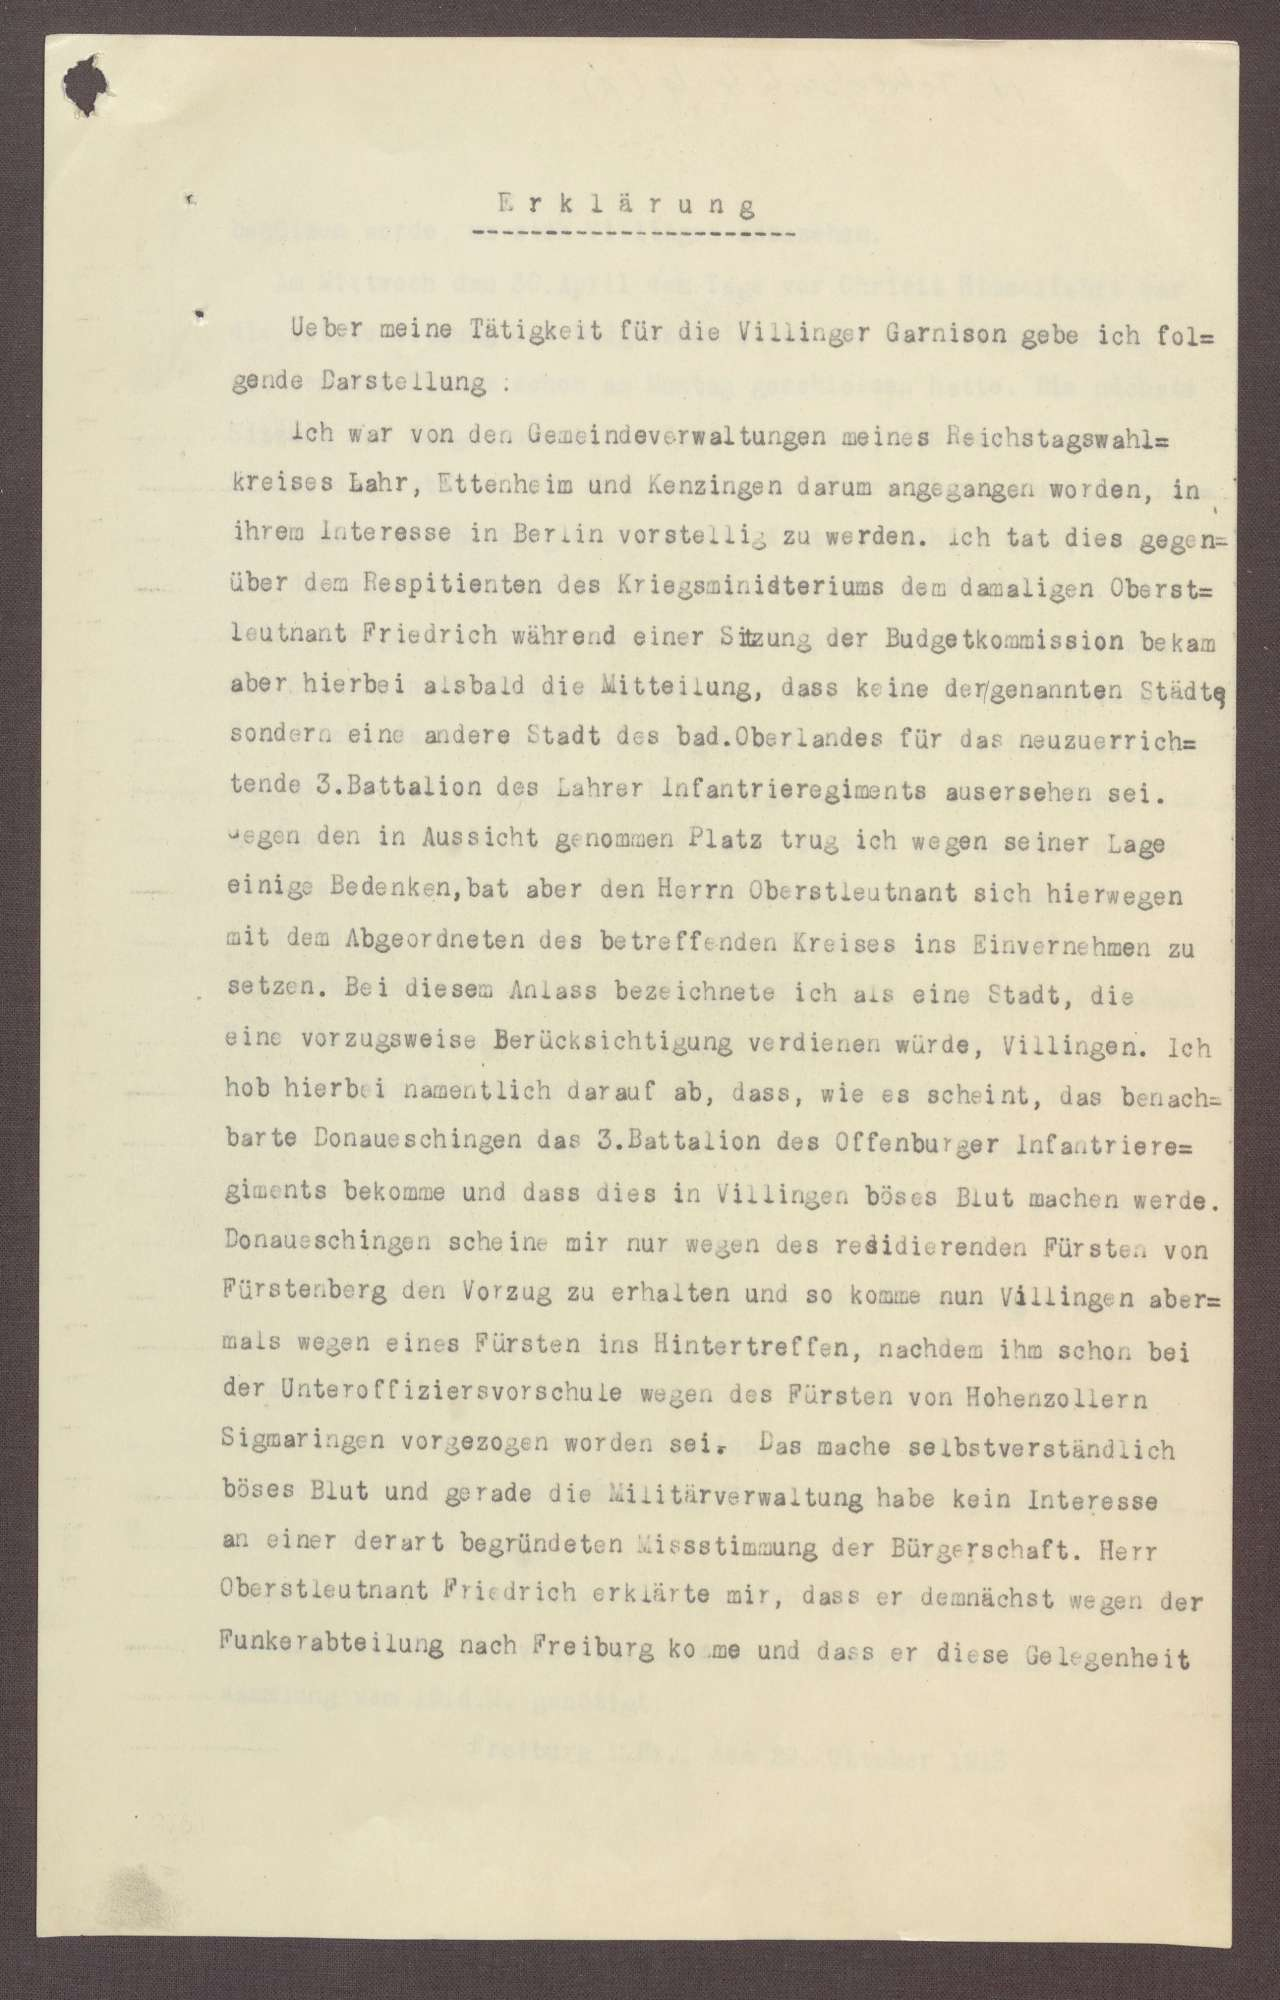 Erklärung von Constantin Fehrenbach, Einsatz für Villingen als Standort des 3. Battailon des Lahrer Infantrie-Regiments, 1 Schreiben, Bild 1